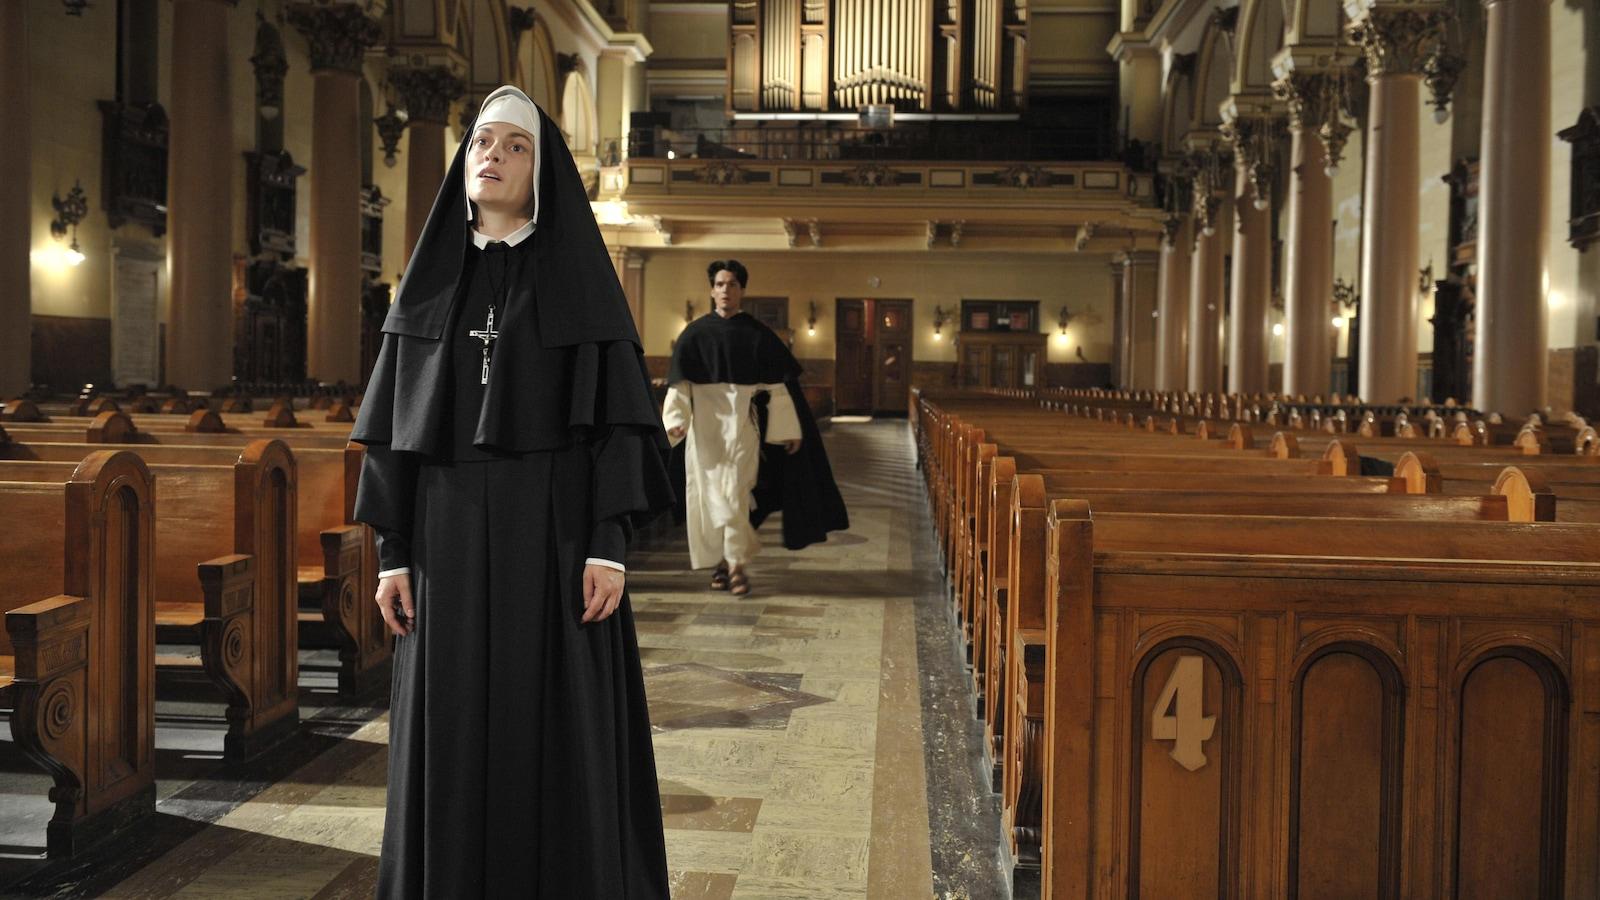 Une soeur en tenue, au milieu d'une église. Un prêtre arrive derrière elle.